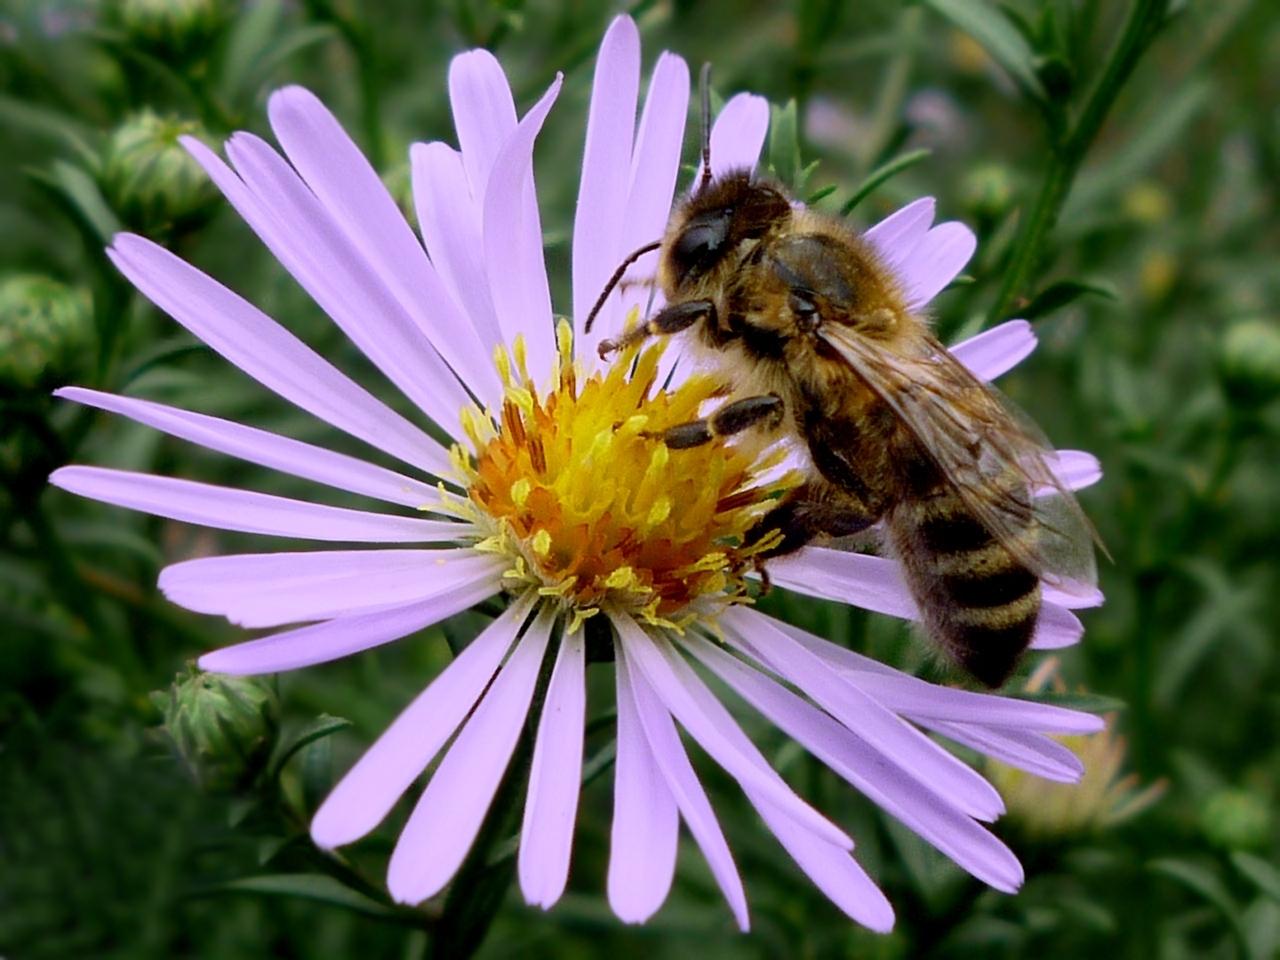 827 Hintergrundbild herunterladen Bienen, Insekten, Pflanzen, Blumen - Bildschirmschoner und Bilder kostenlos